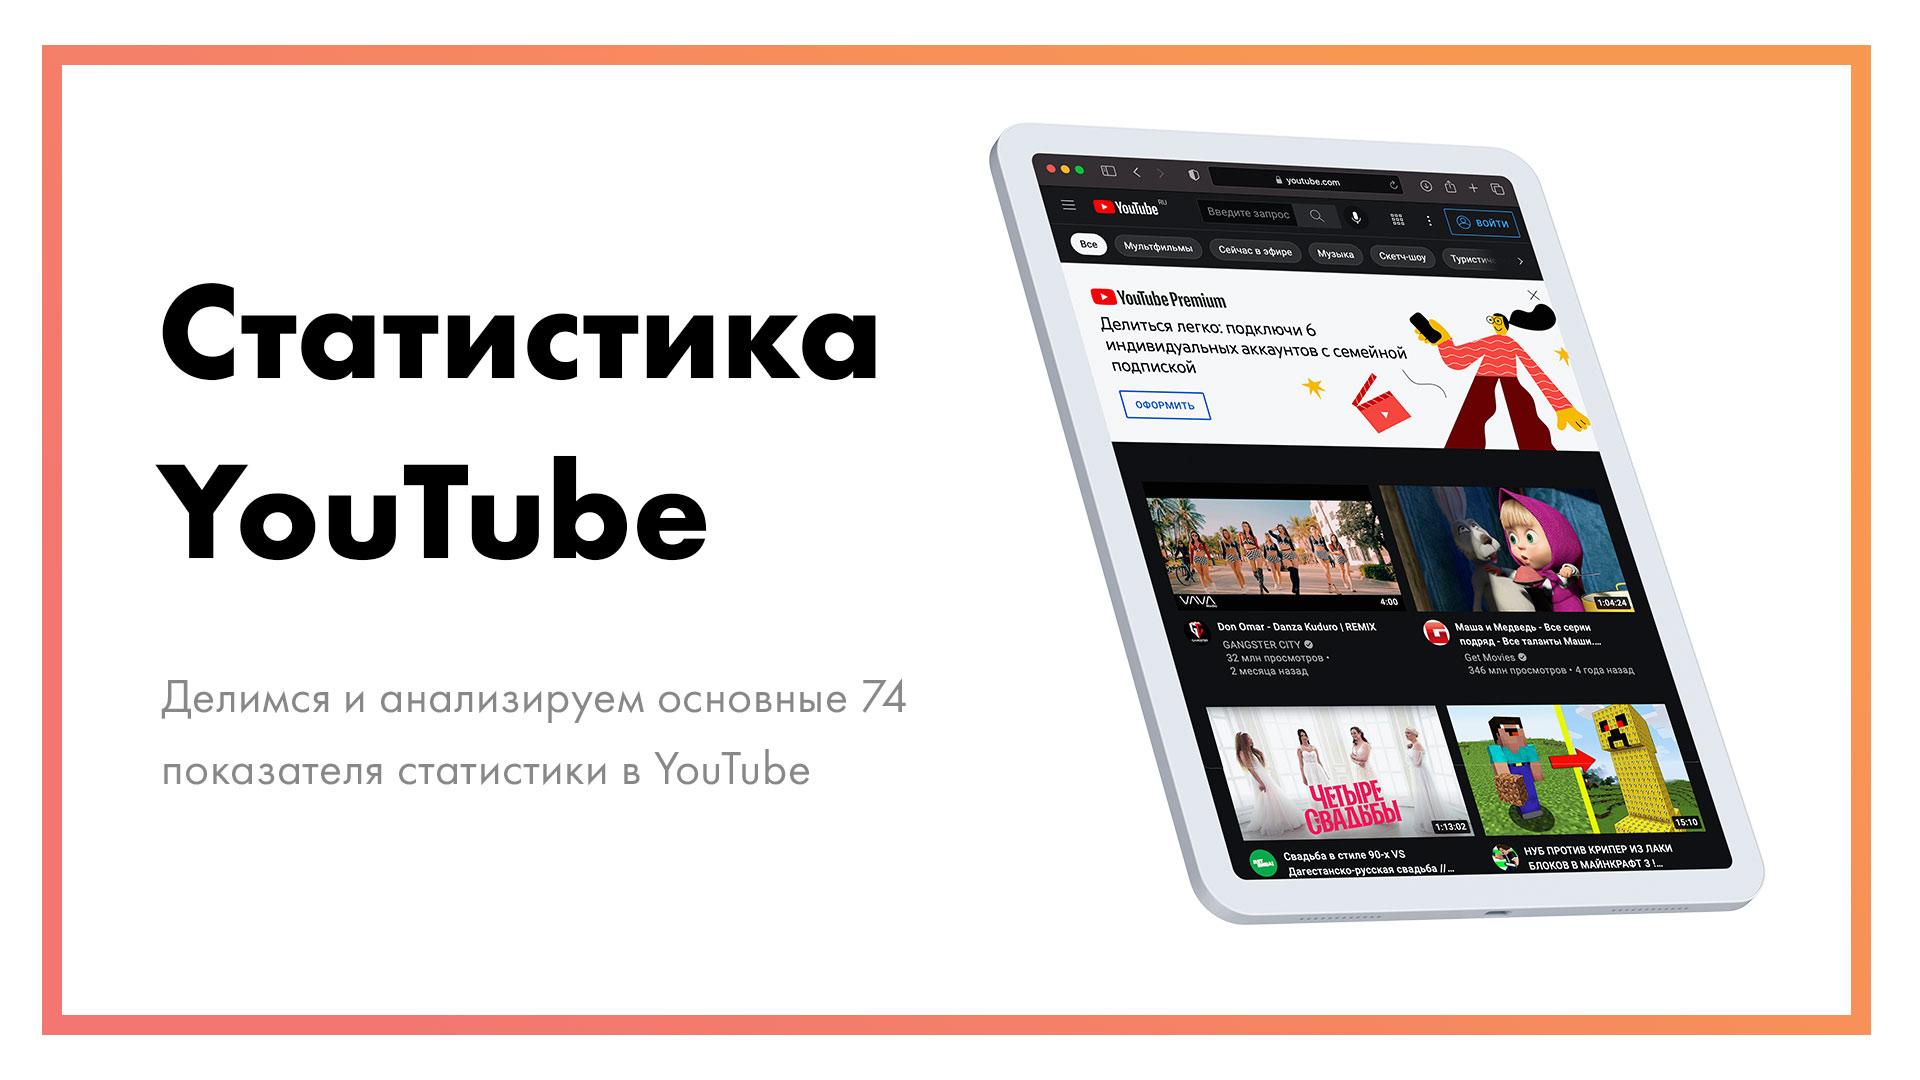 Статистика-YouTube-–-84-главных-показателя-[2021-год].jpg